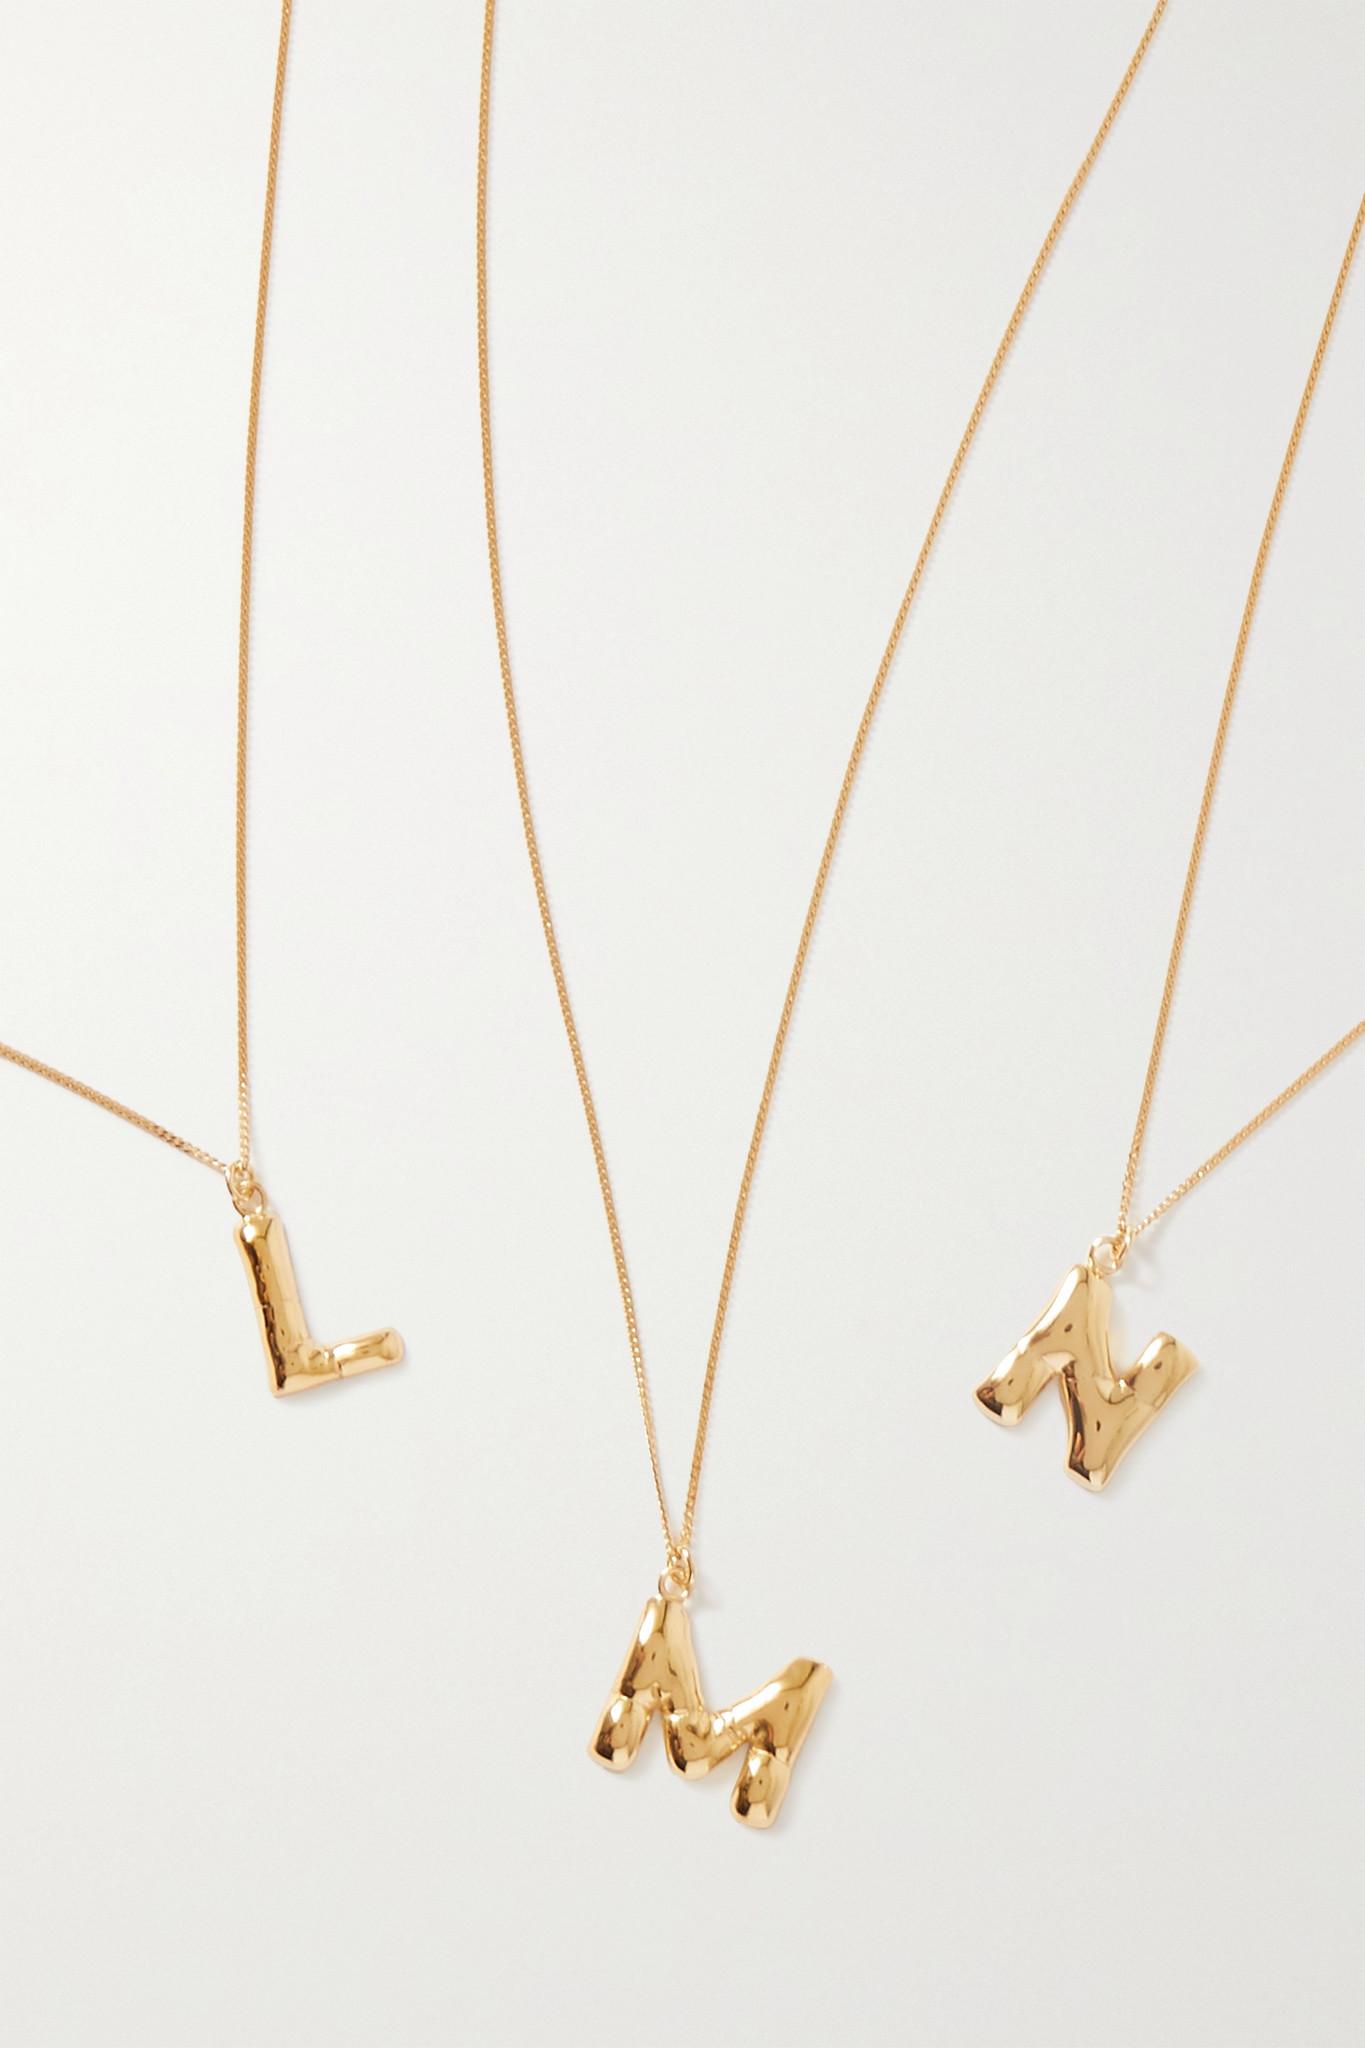 COMPLETEDWORKS - Gold Vermeil Necklace - J